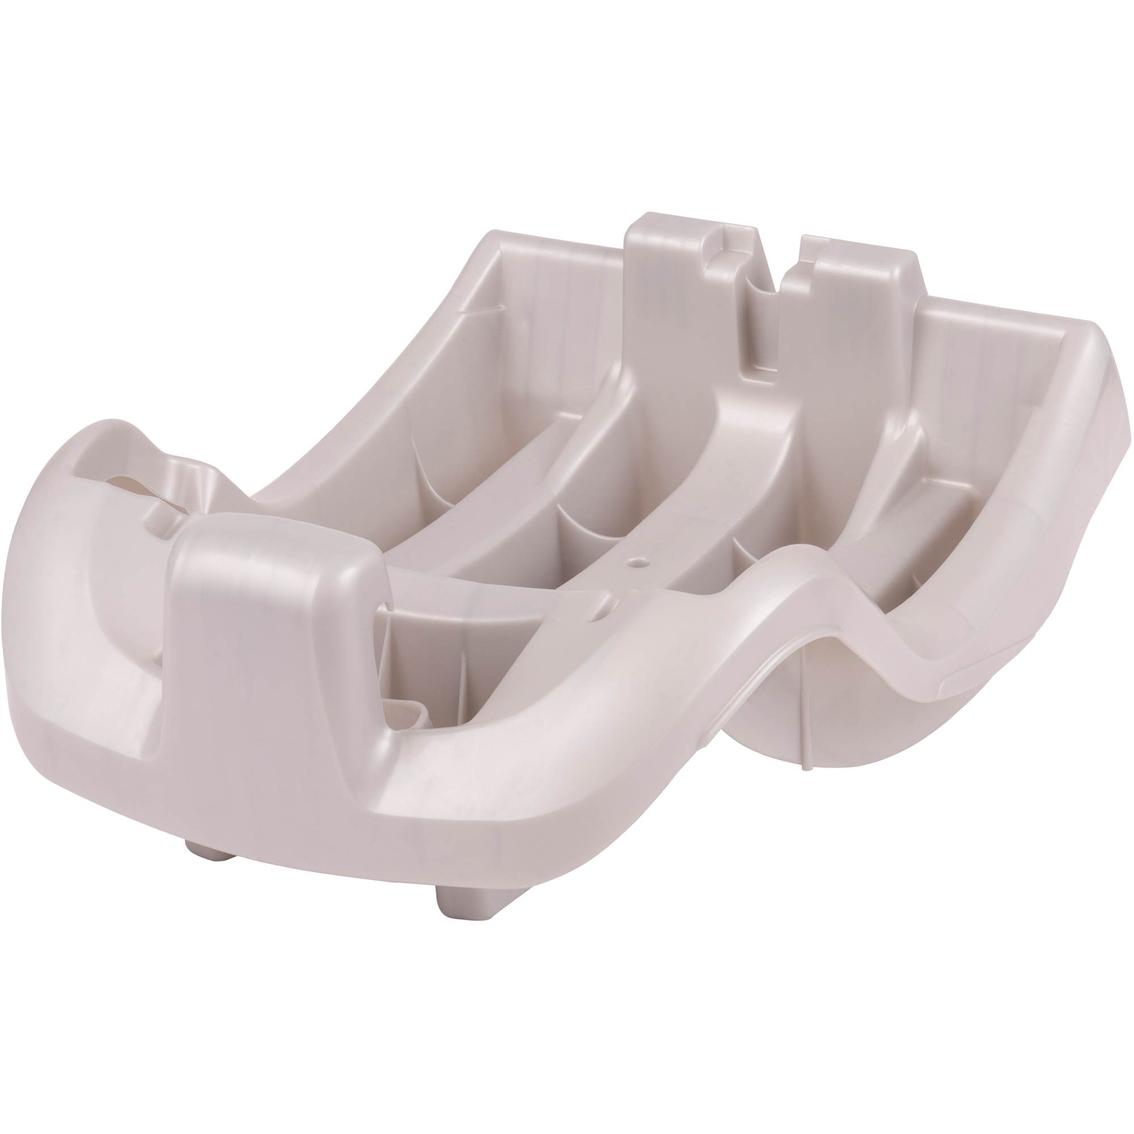 Evenflo Nurture Car Seat Base, Silver